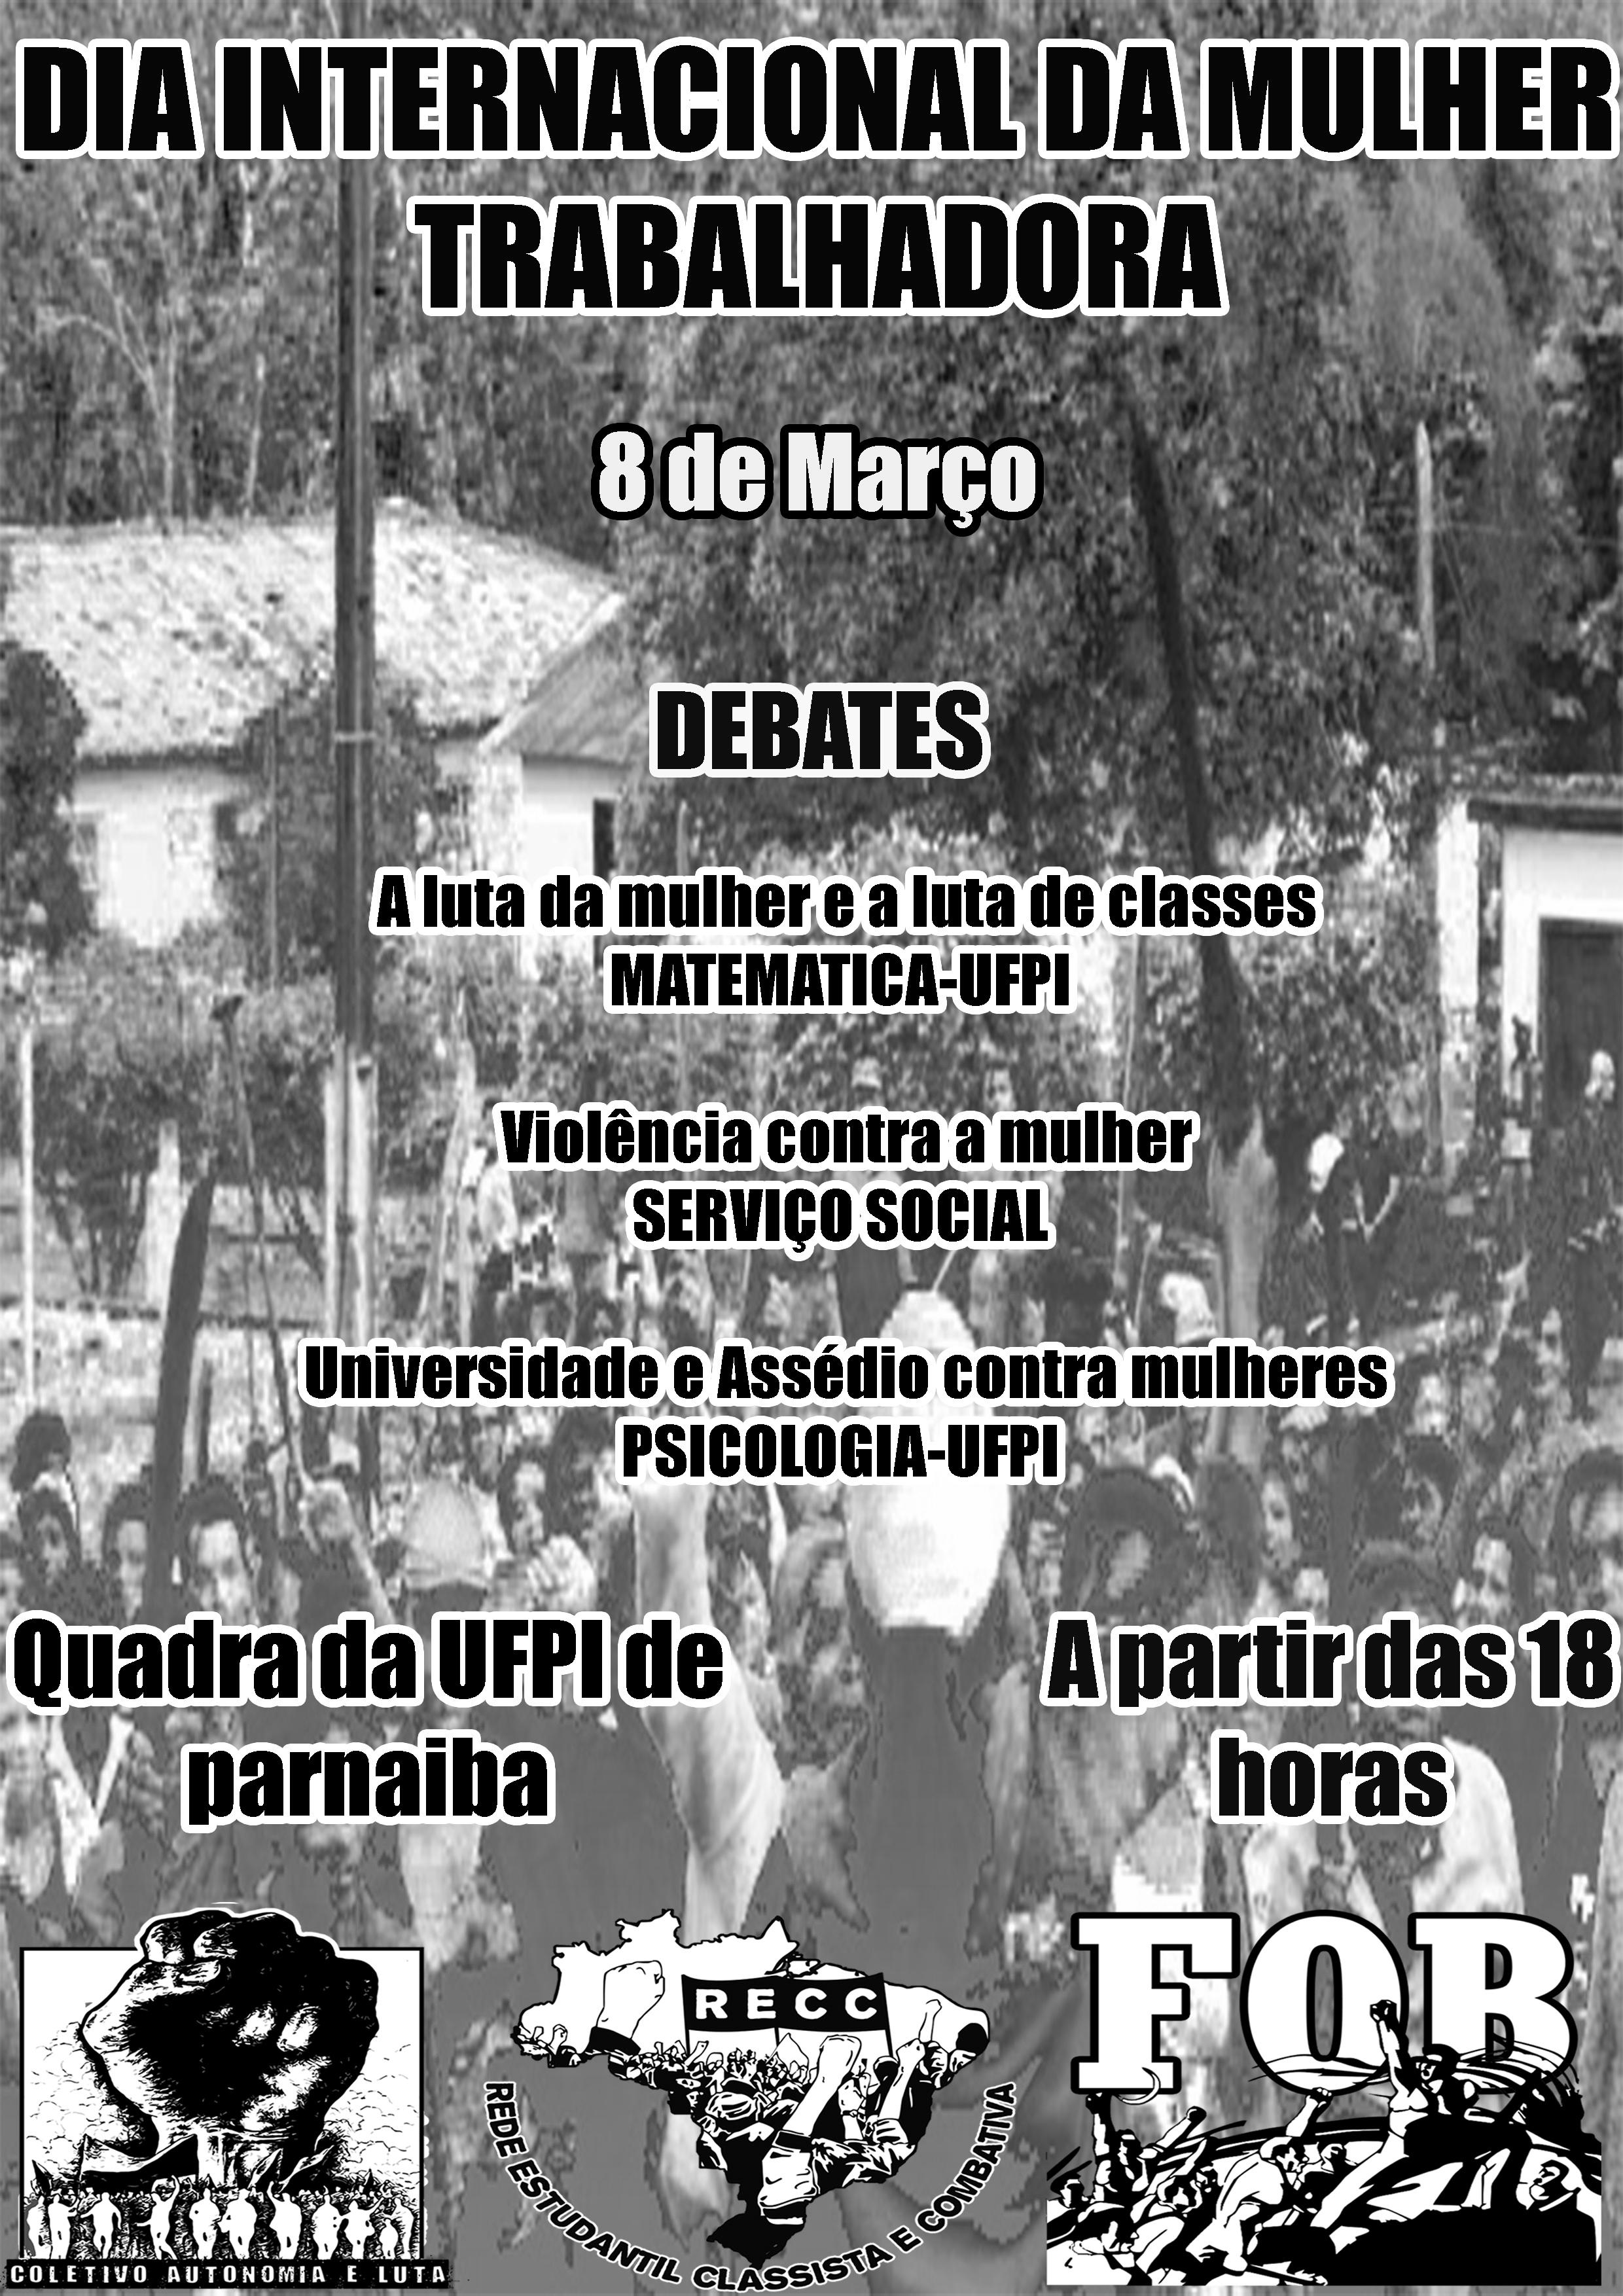 Dia Internacional da Mulher Trabalhadora Rede Estudantil Classista e Combativa Federação das organizações Sindicalistas Revolucionárias do Brasil Coletivo Autonomia e Luta UFPI Parn